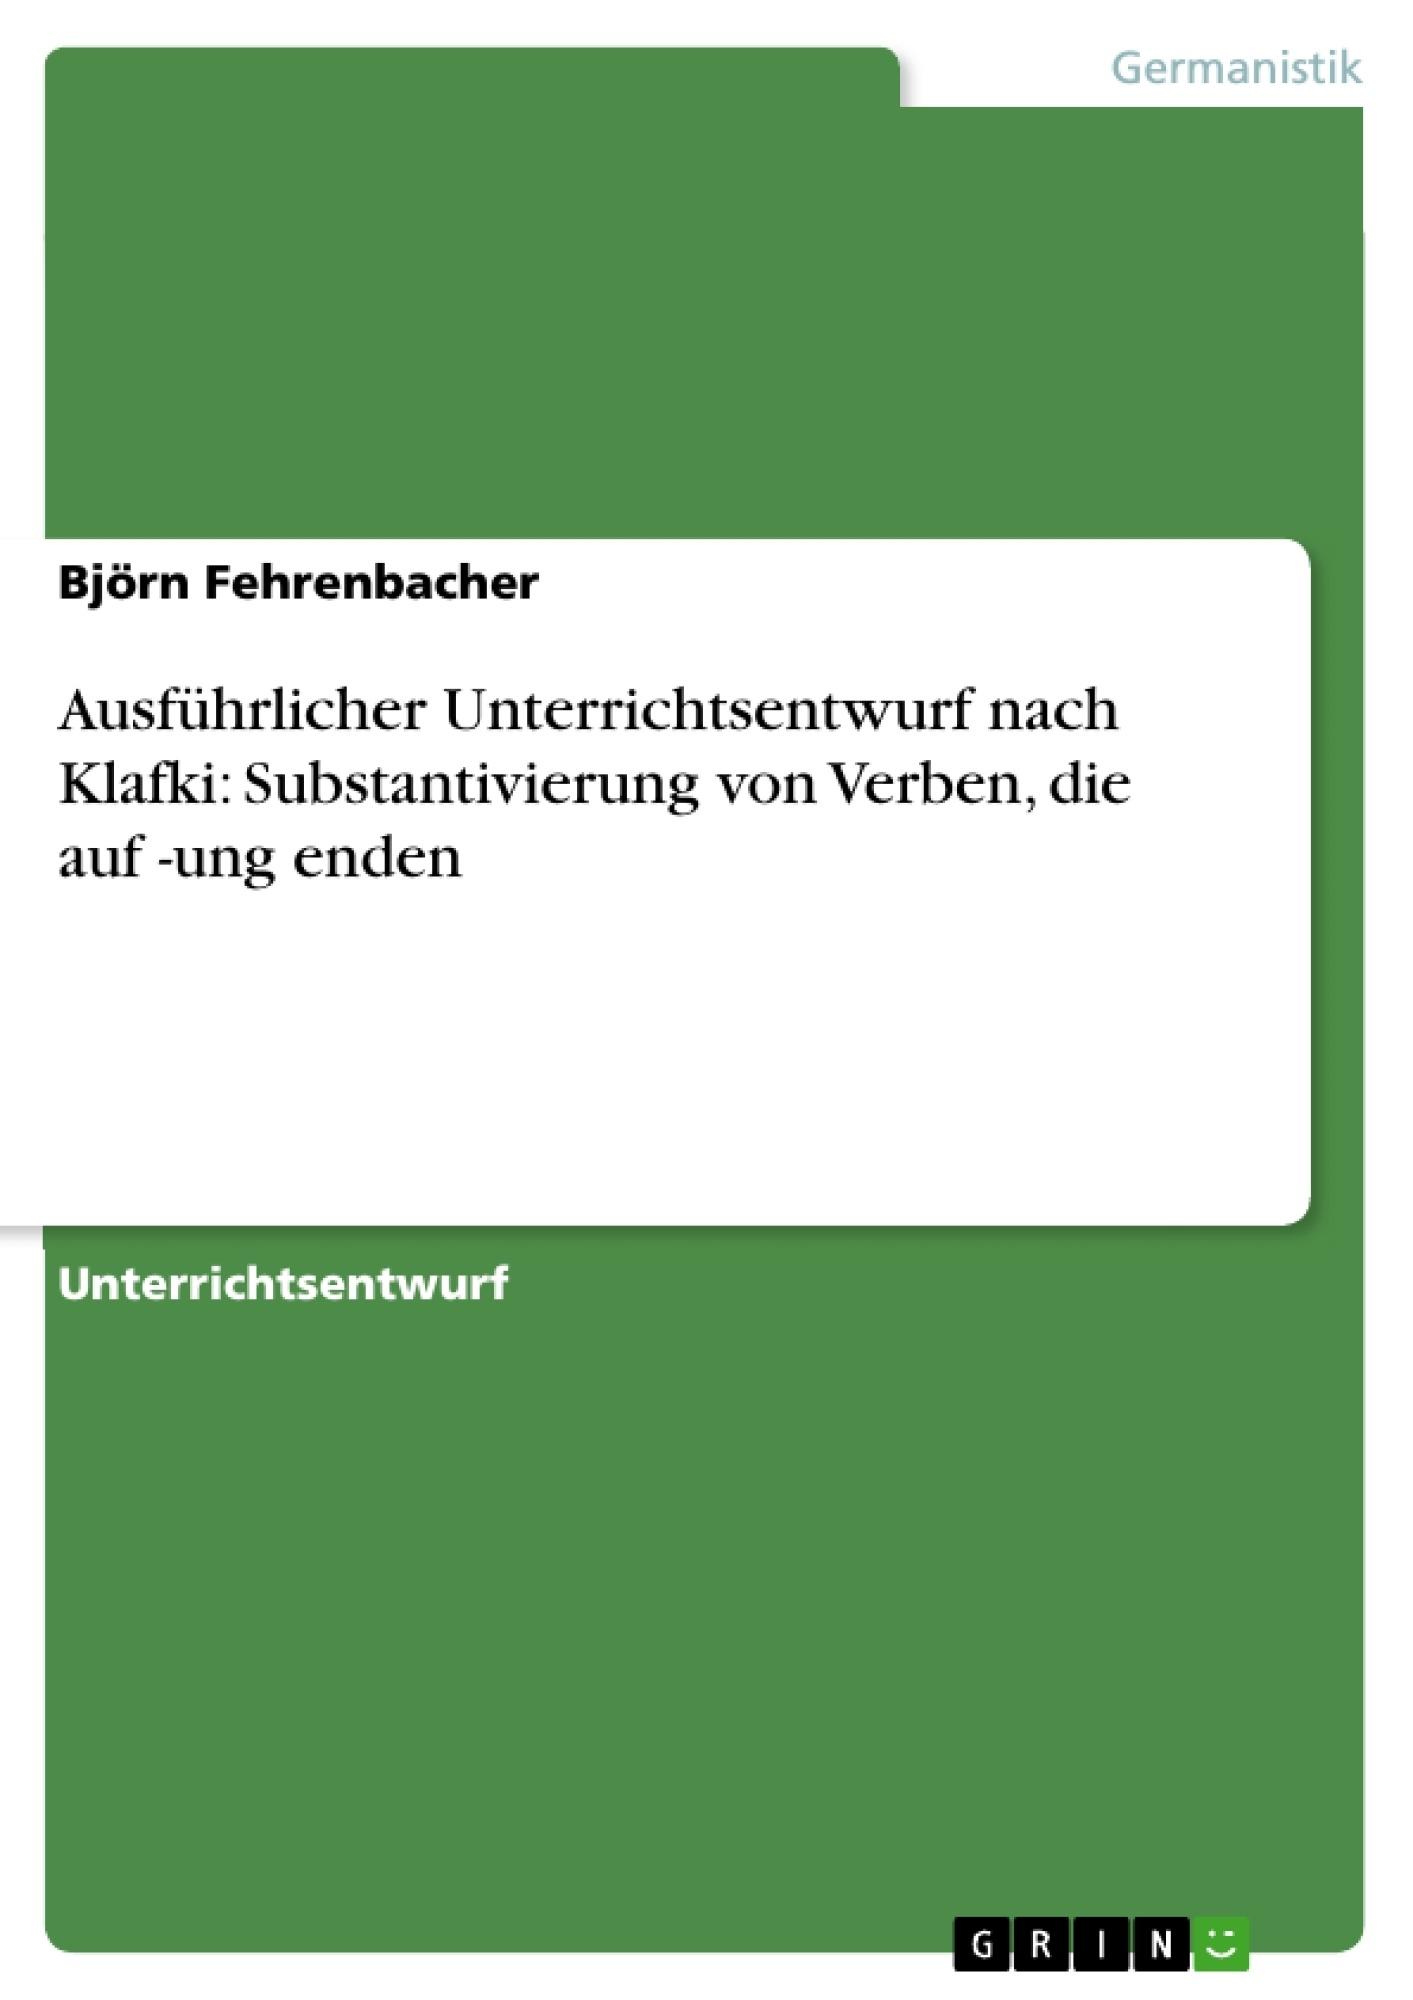 Titel: Ausführlicher Unterrichtsentwurf nach Klafki: Substantivierung von Verben, die auf -ung enden